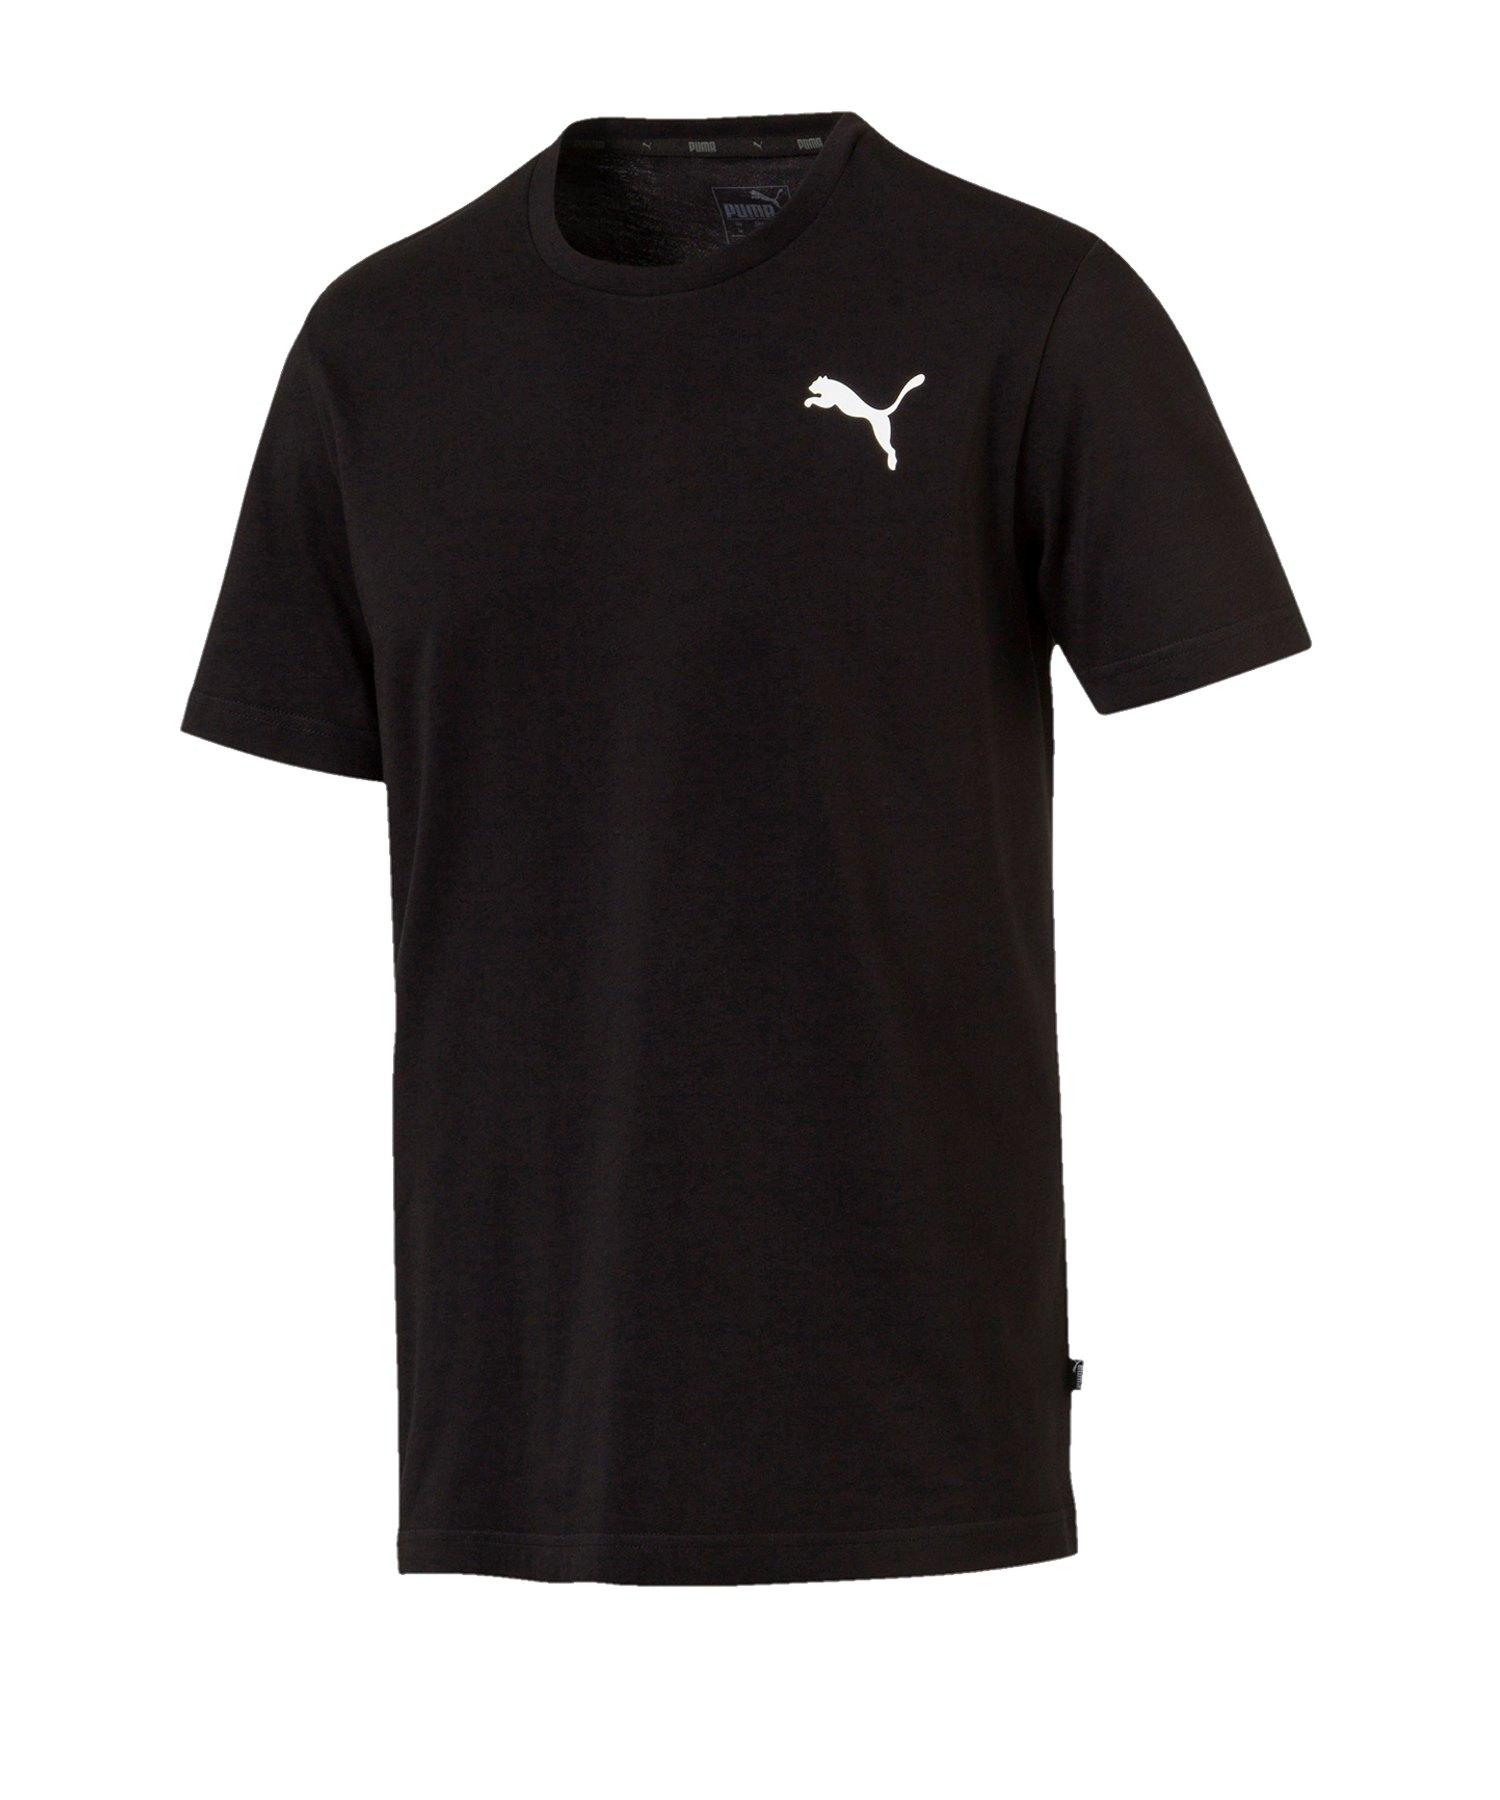 PUMA Essential Small Logo T-Shirt Schwarz F21 - schwarz